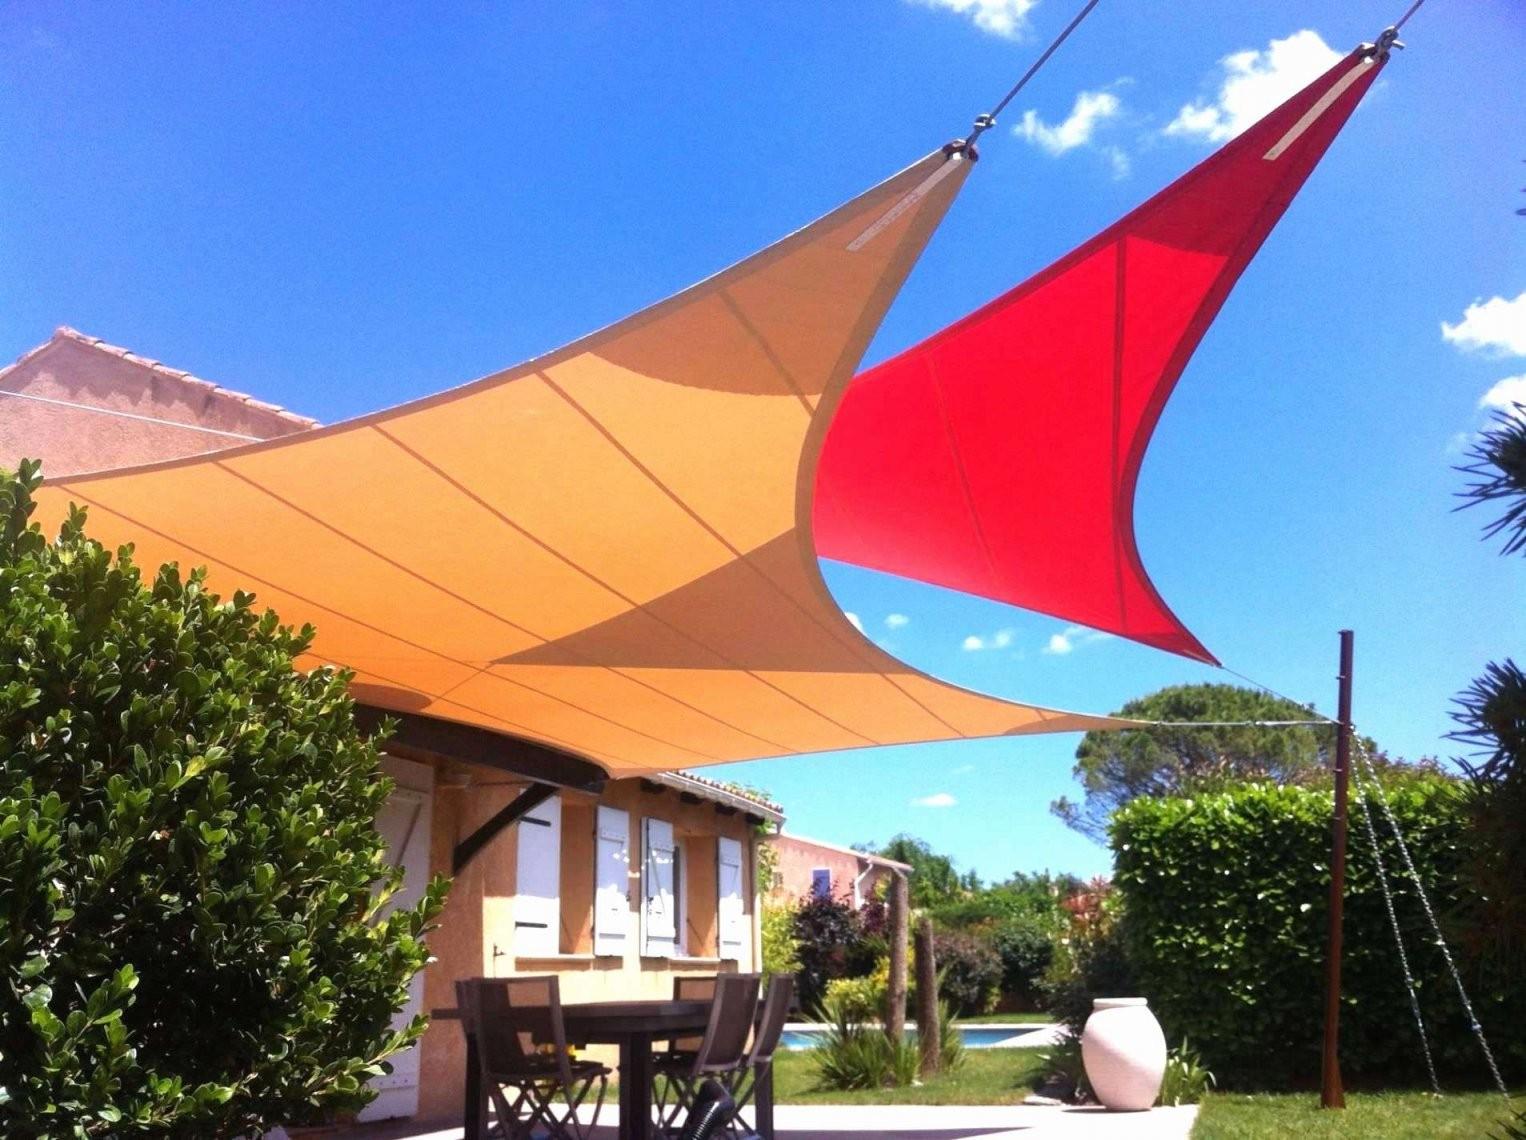 Sonnenschutz Balkon Ohne Bohren Einzigartig Sonnensegel Als Design von Sonnensegel Balkon Ohne Bohren Photo